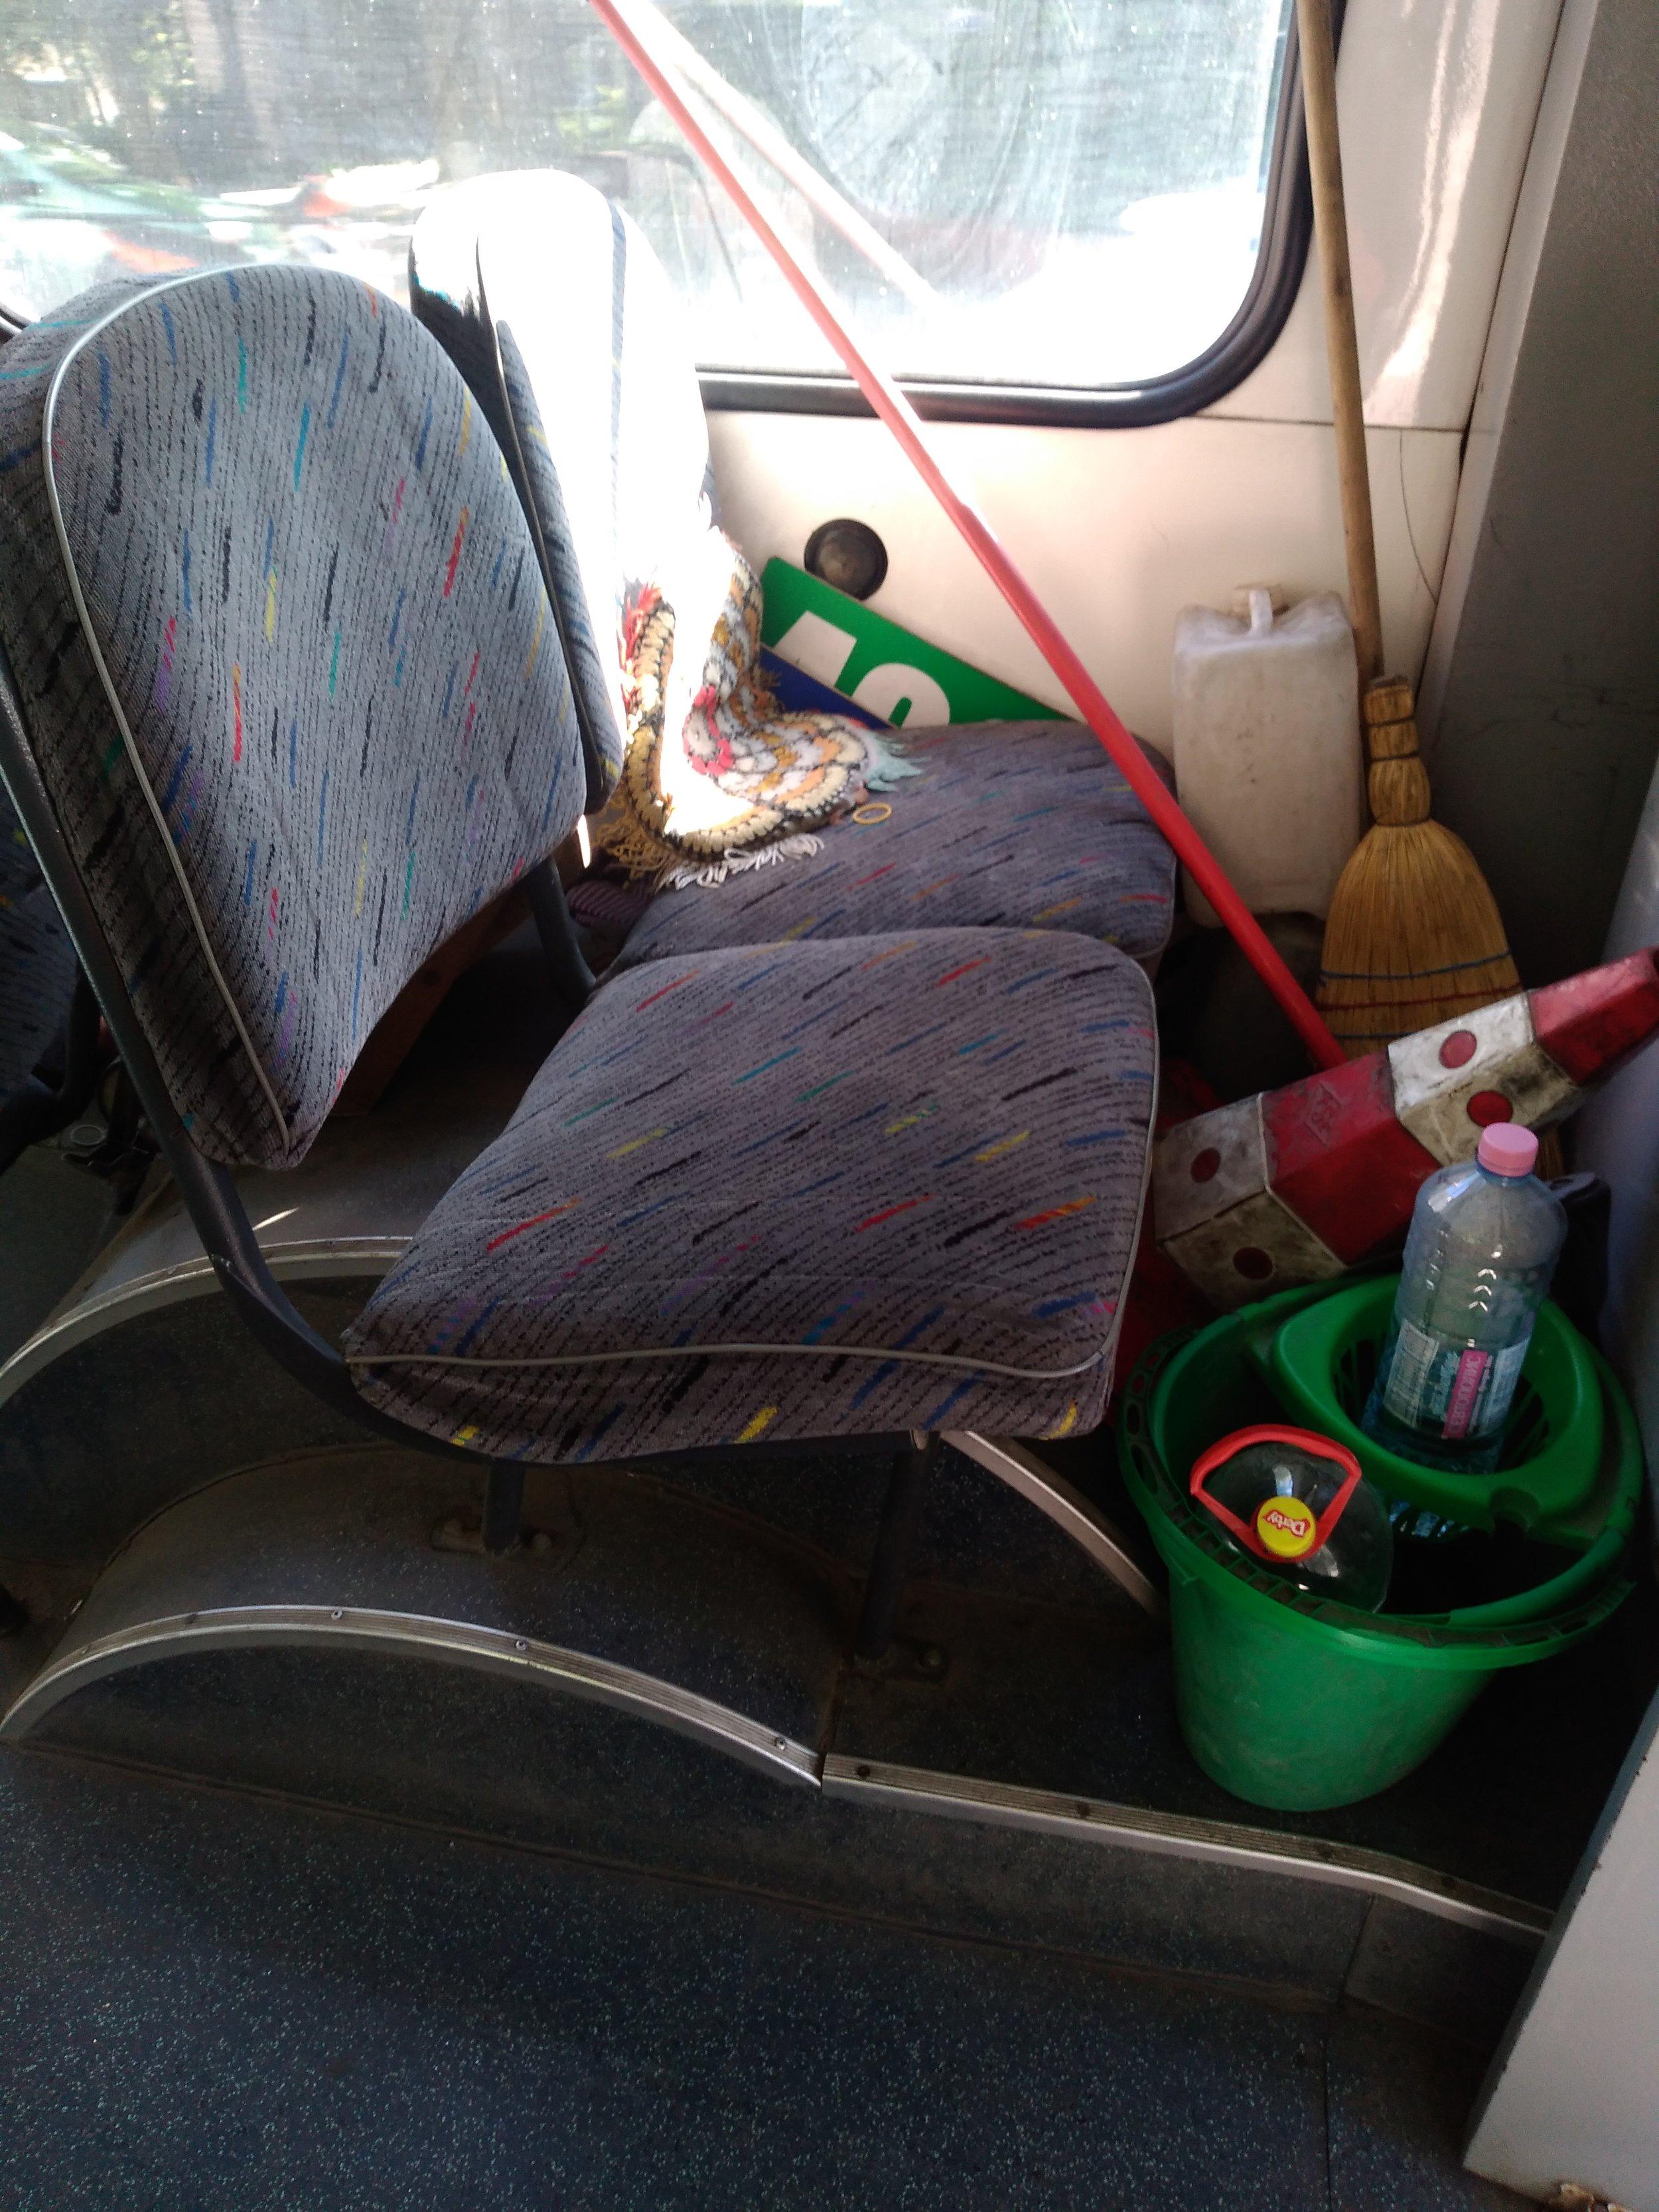 Kužel, kýbl, mop, saponát a další náčiní pro každý případ si vozí trolejbusy s sebou, co na tom, že jsou zabrány hned dvě sedačky.